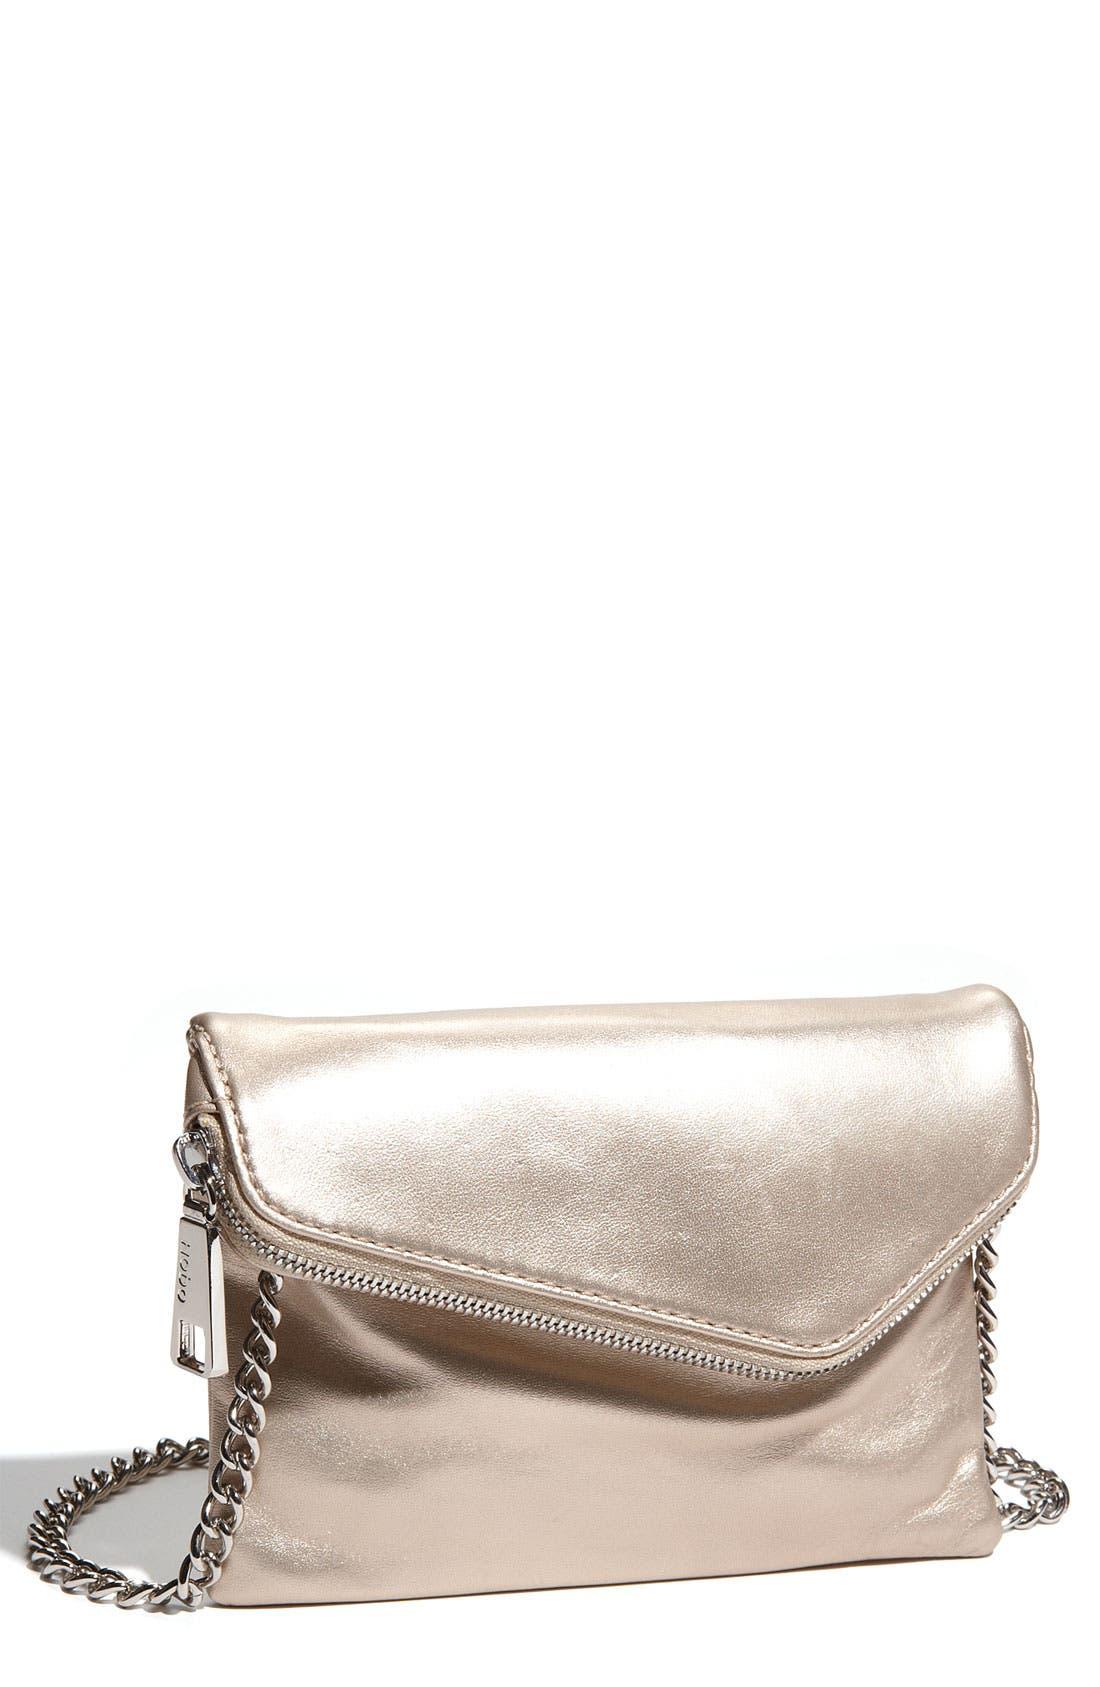 Alternate Image 1 Selected - Hobo 'Daria' Metallic Leather Crossbody Bag